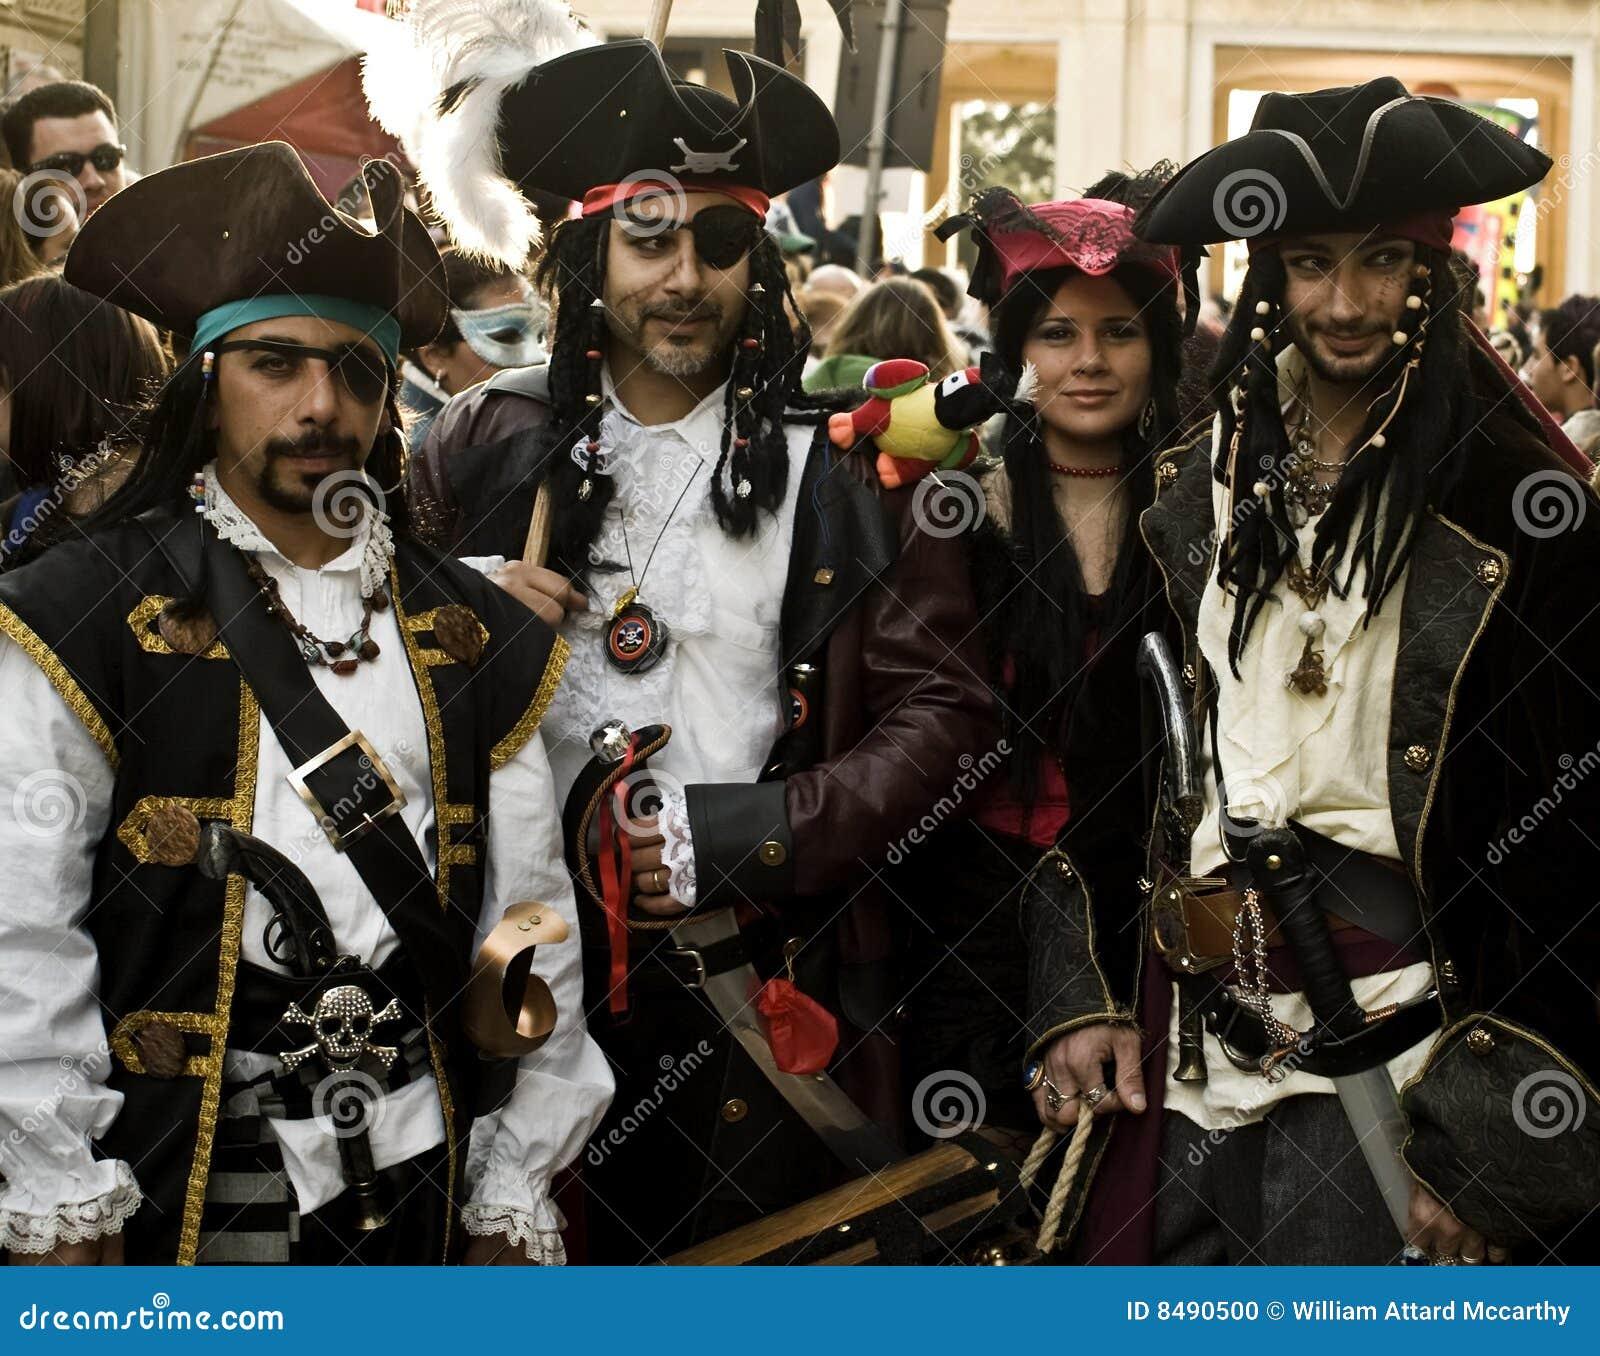 Piraten vom Mittelmeer redaktionelles bild. Bild von partei - 8490500